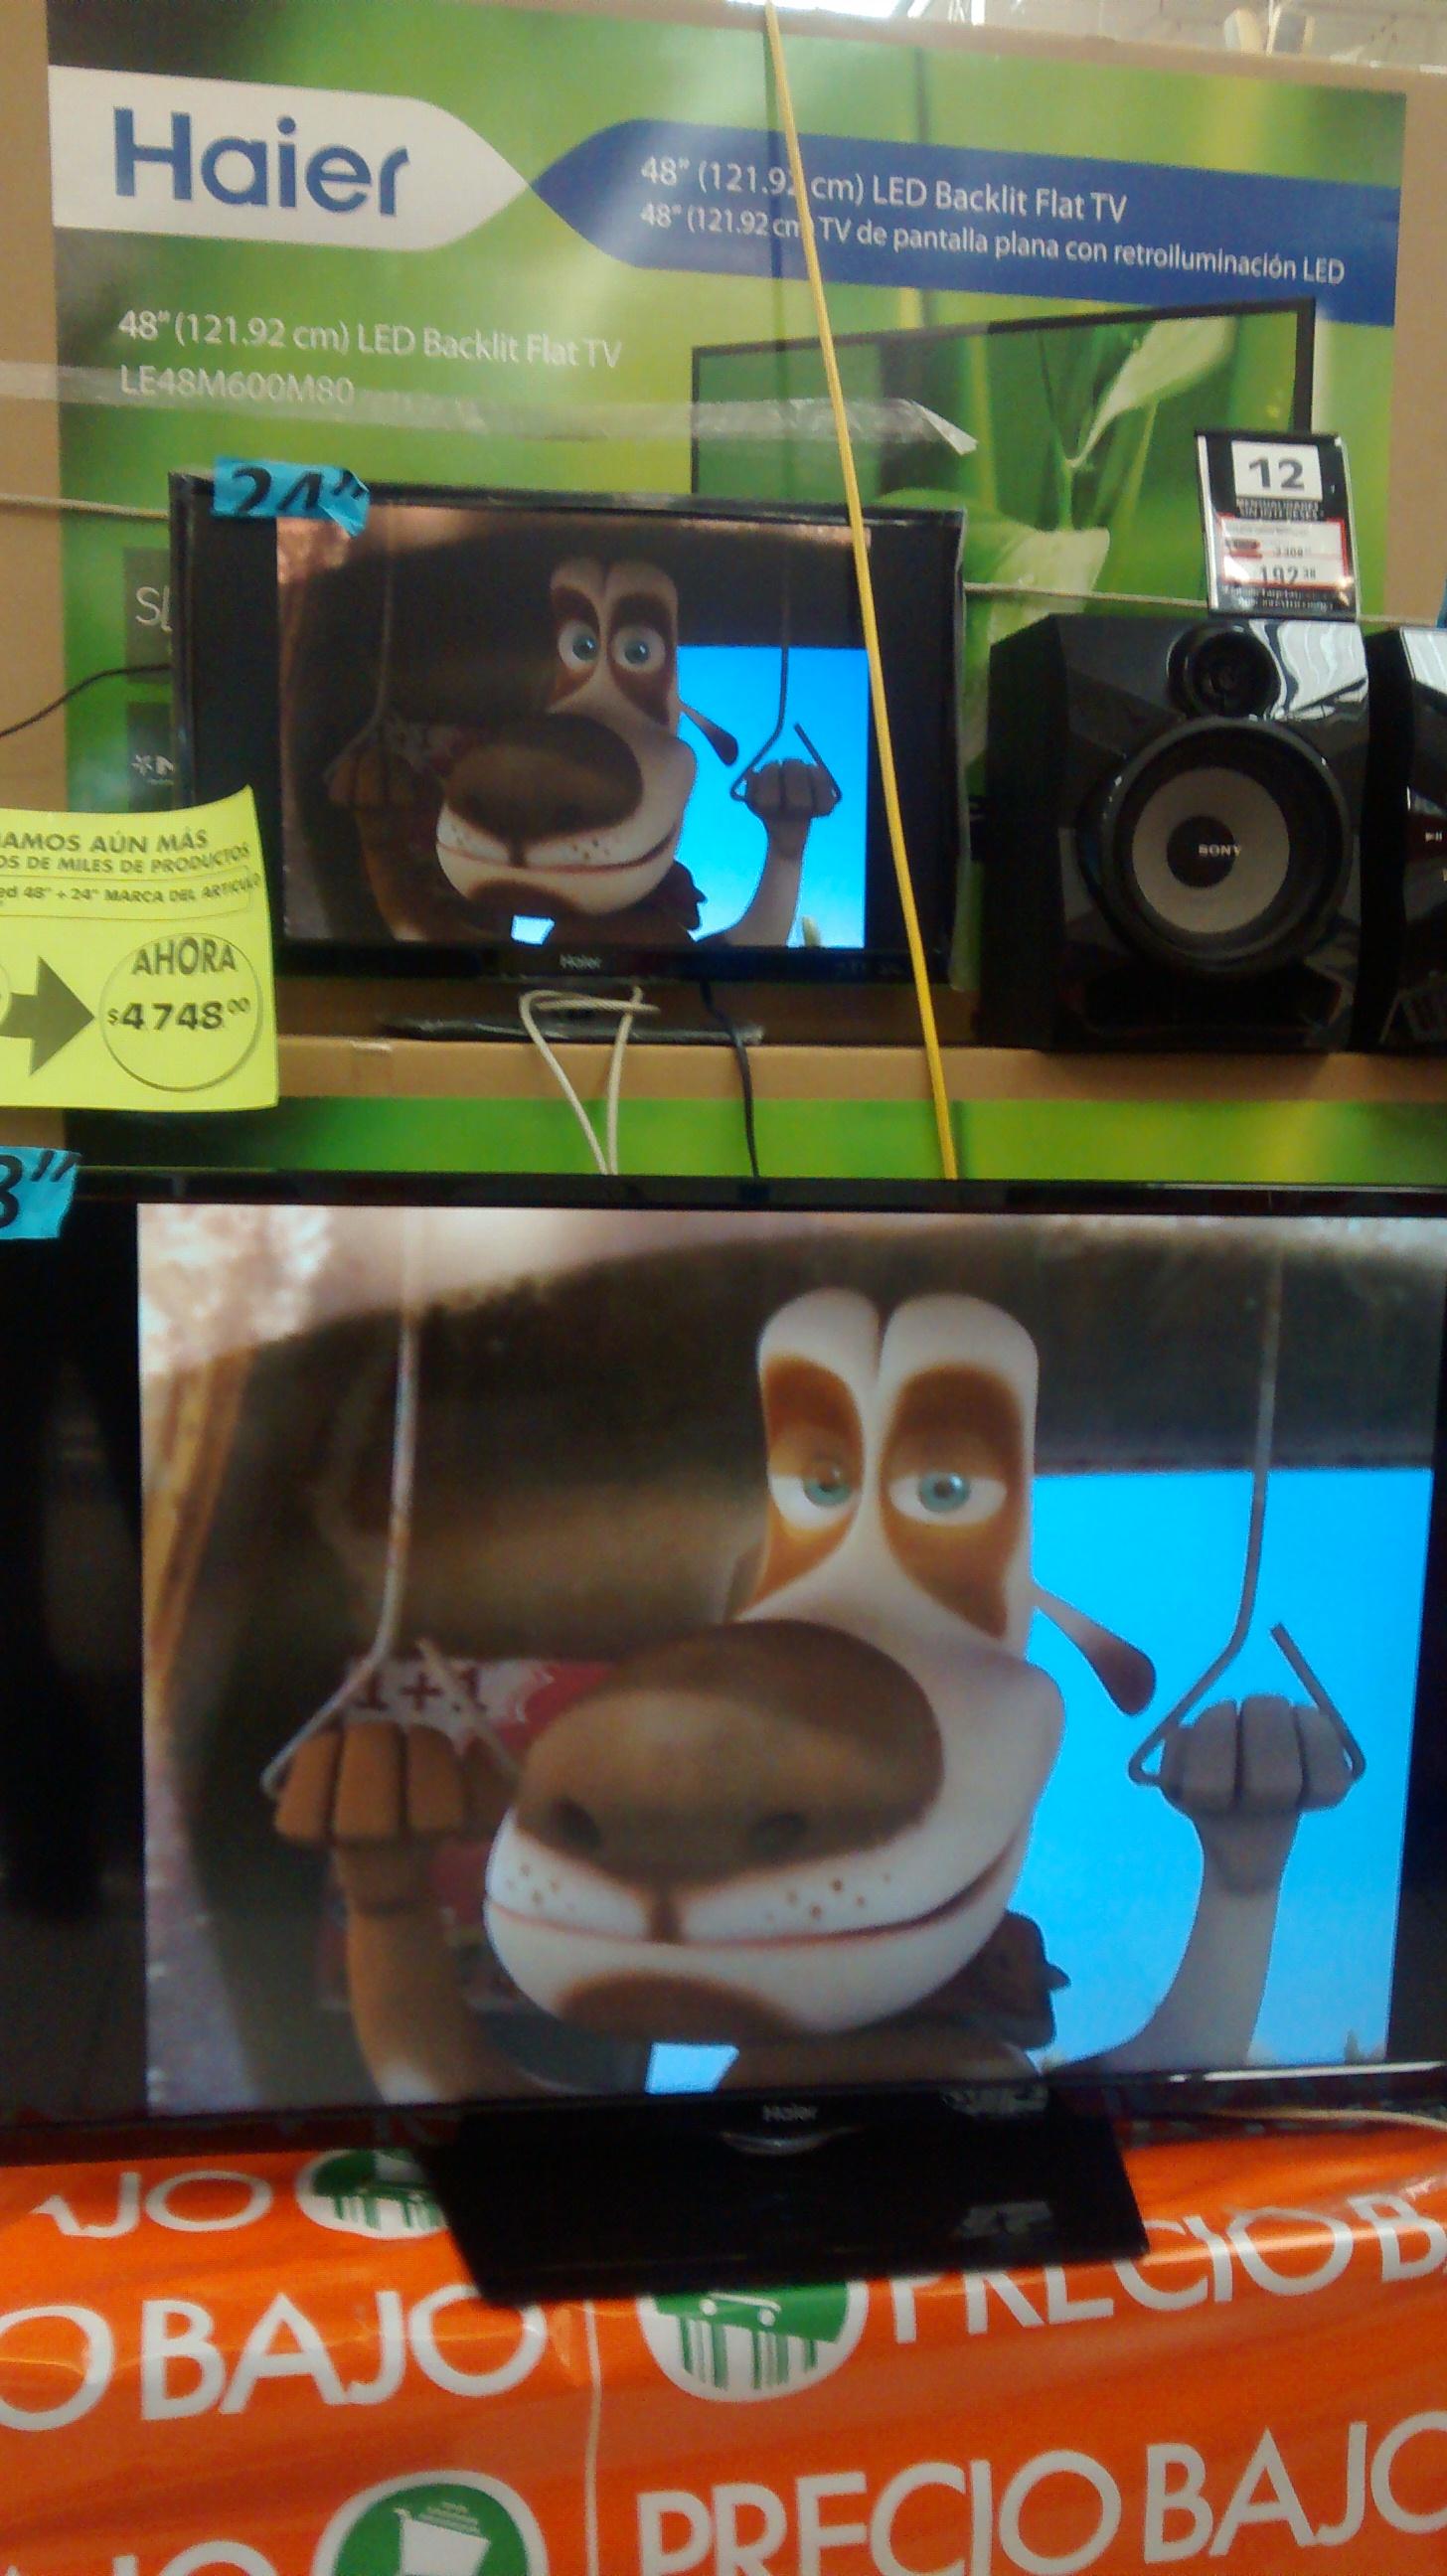 """La Comer: paquete pantallas LED 48"""" y 24"""" $4,748"""